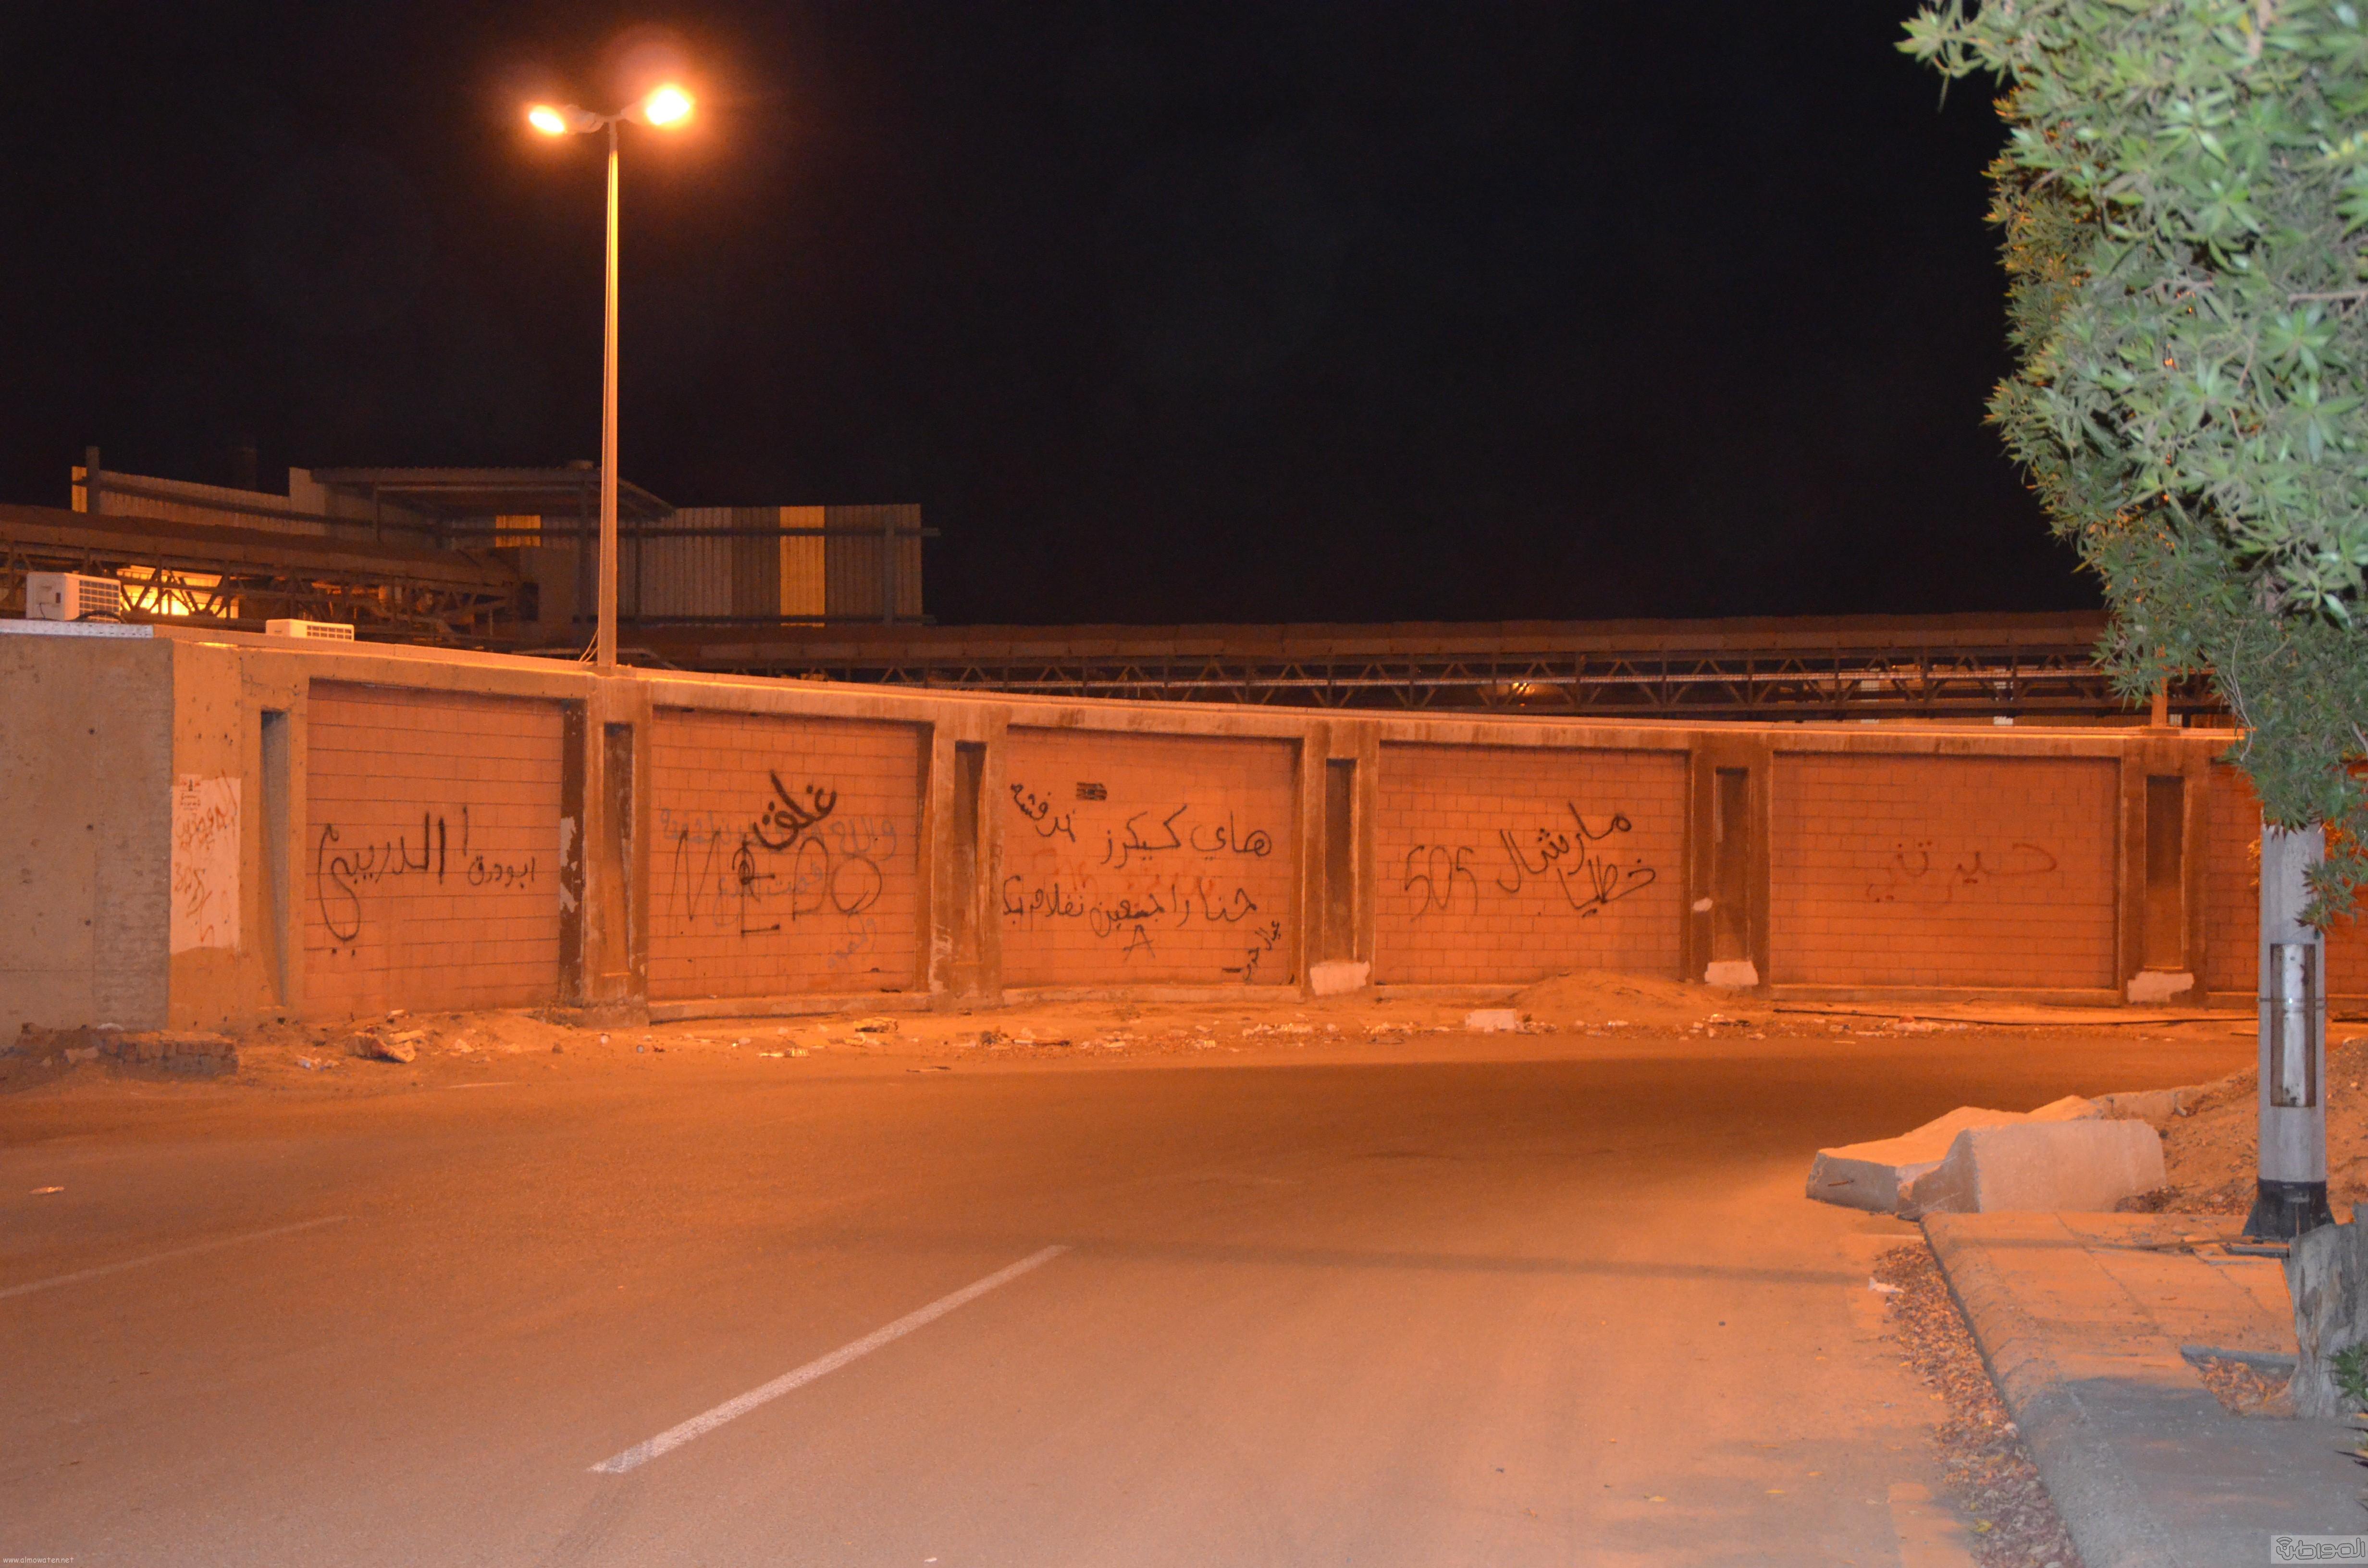 اغلاق شارع بمحافظة بحرة (1)